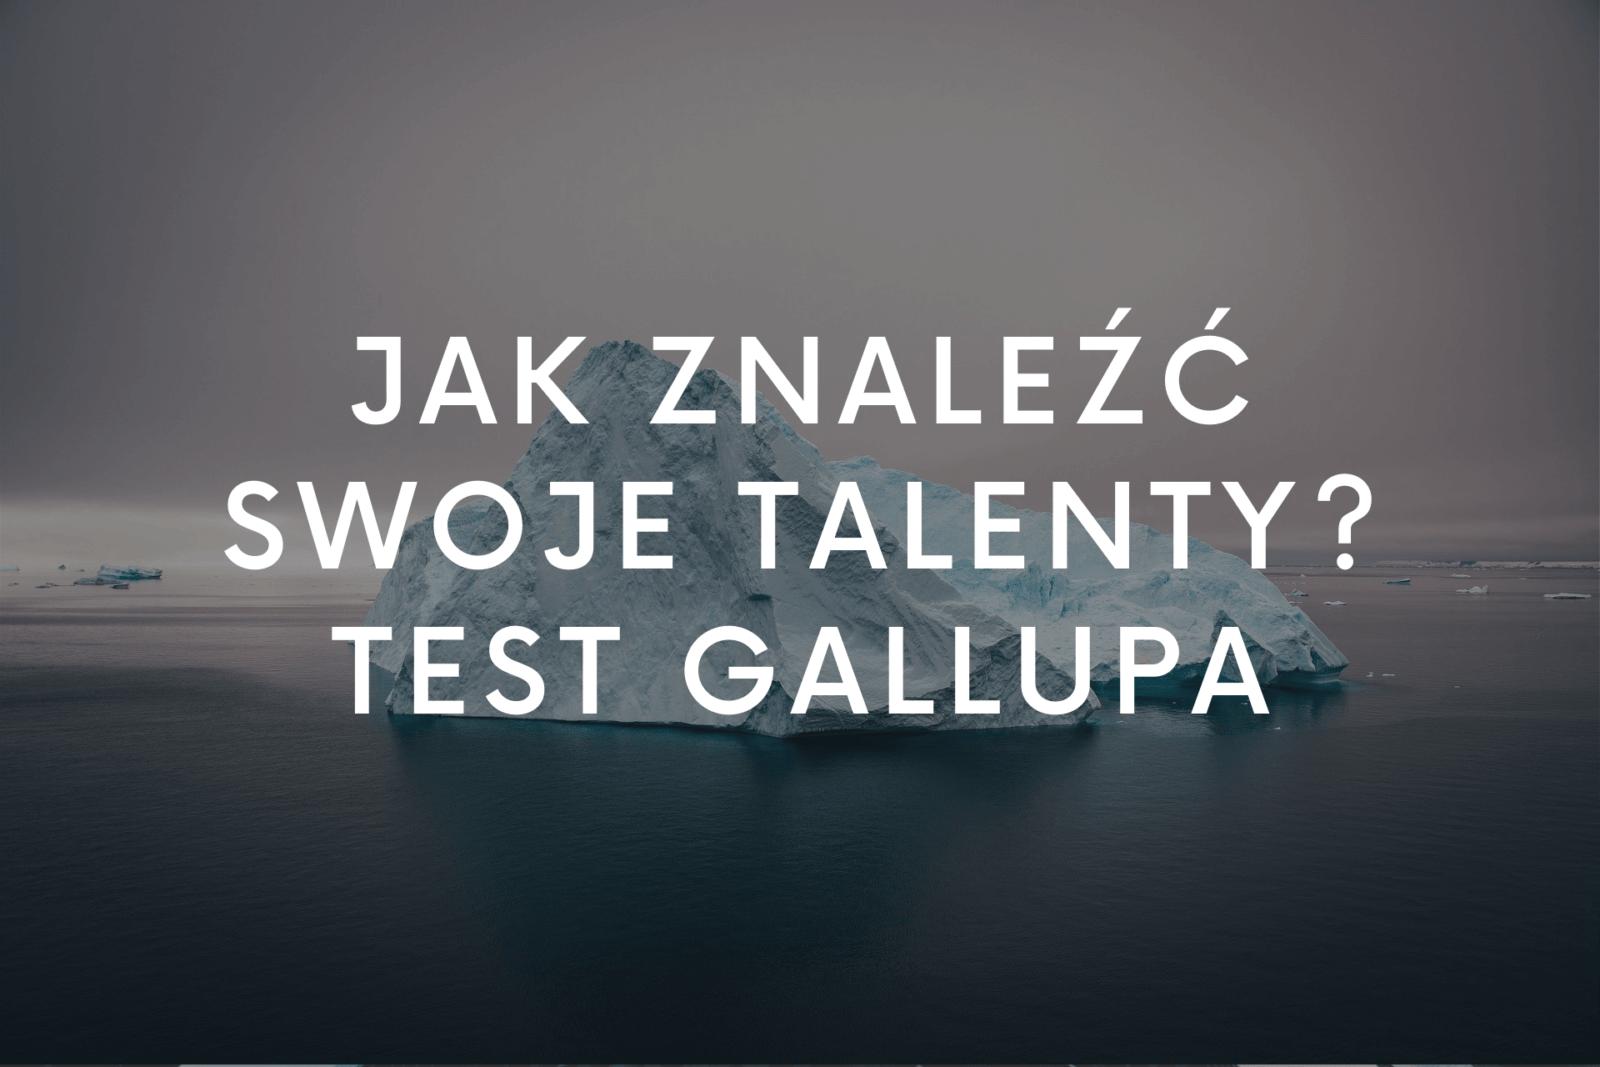 Jak znaleźć swoje talenty? Test Gallupa